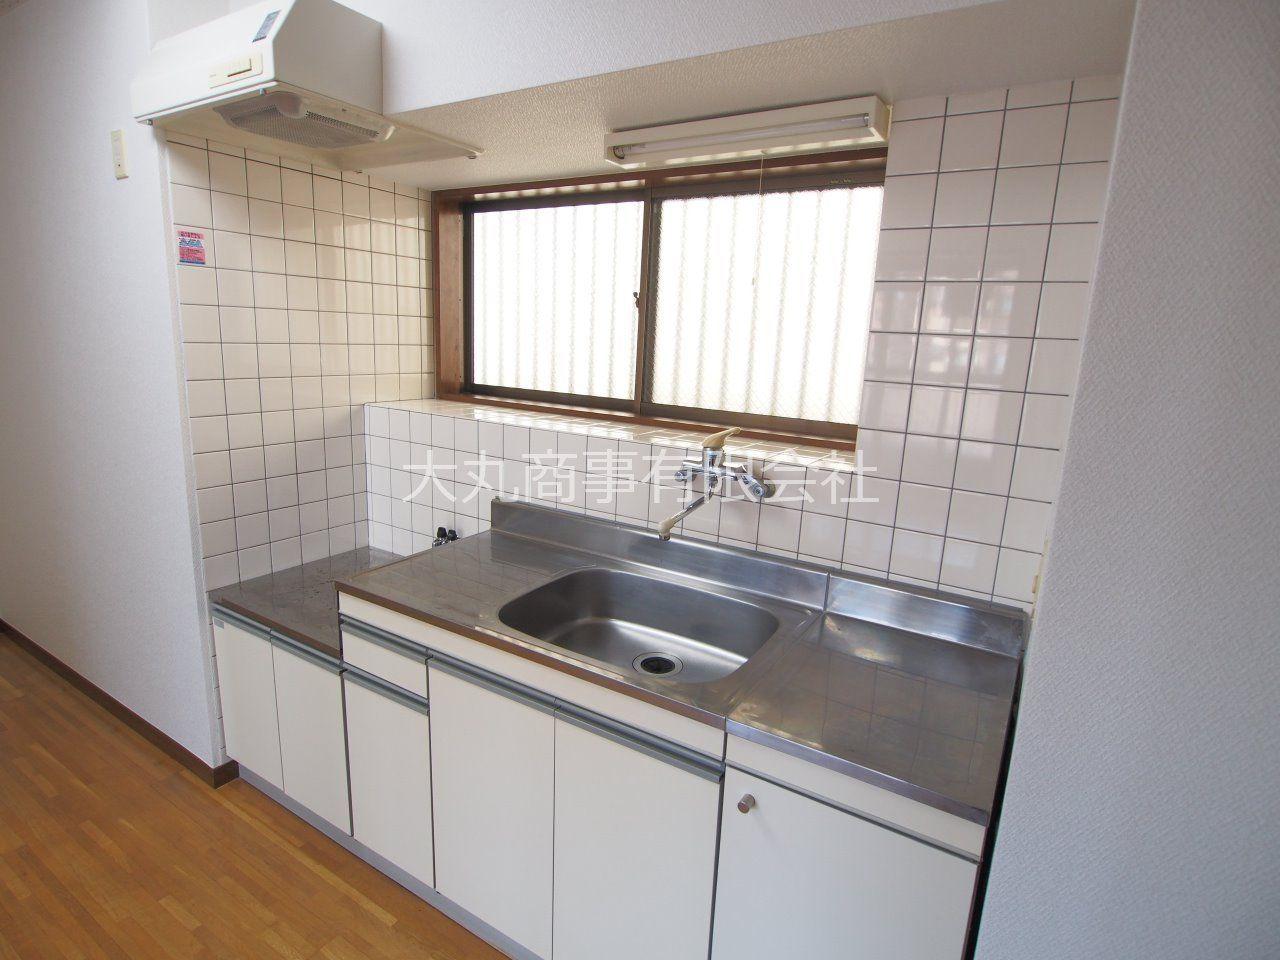 2口ガスコンロ対応可能なキッチン